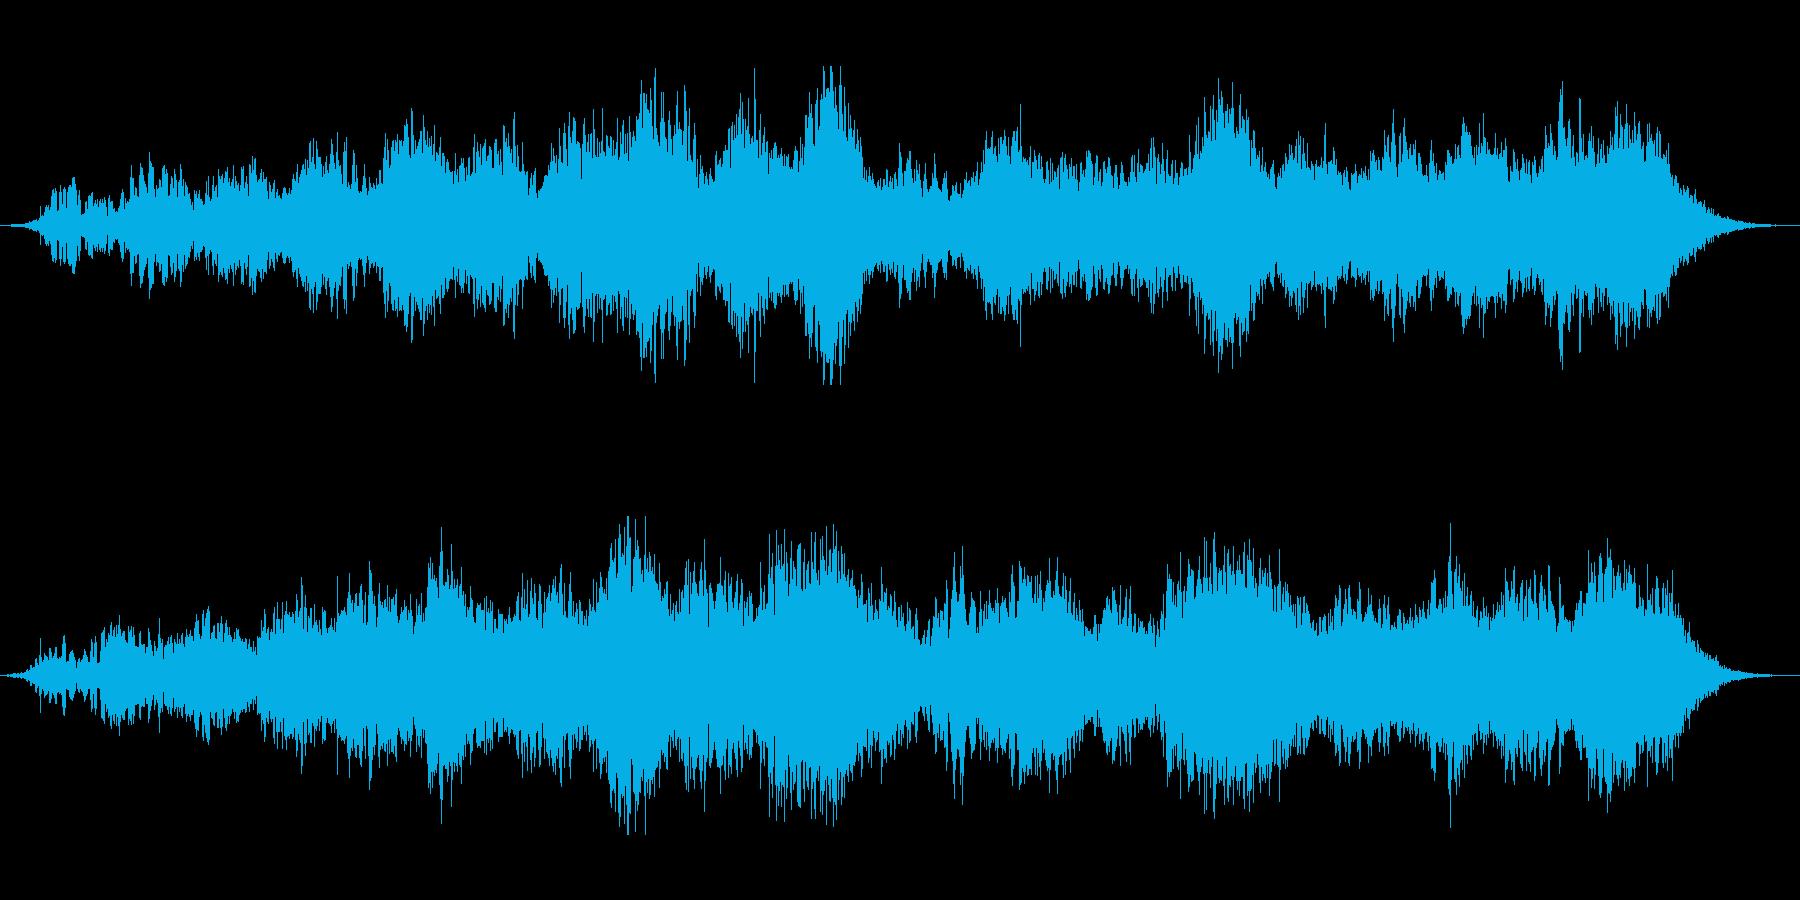 風を感じるような優しい音色の再生済みの波形